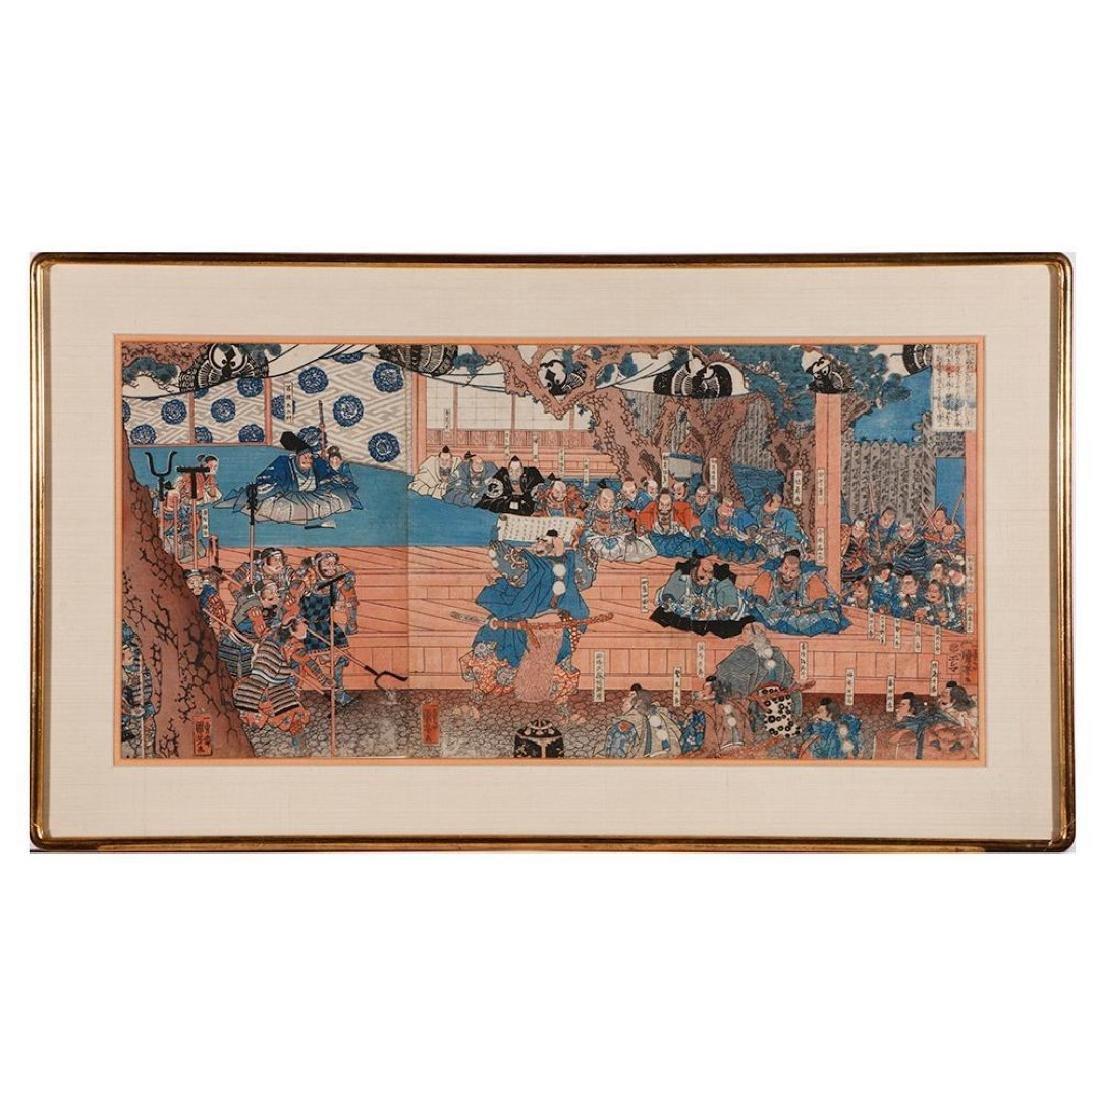 Kuniyoshi UTAGAWA (1797/98-1861)